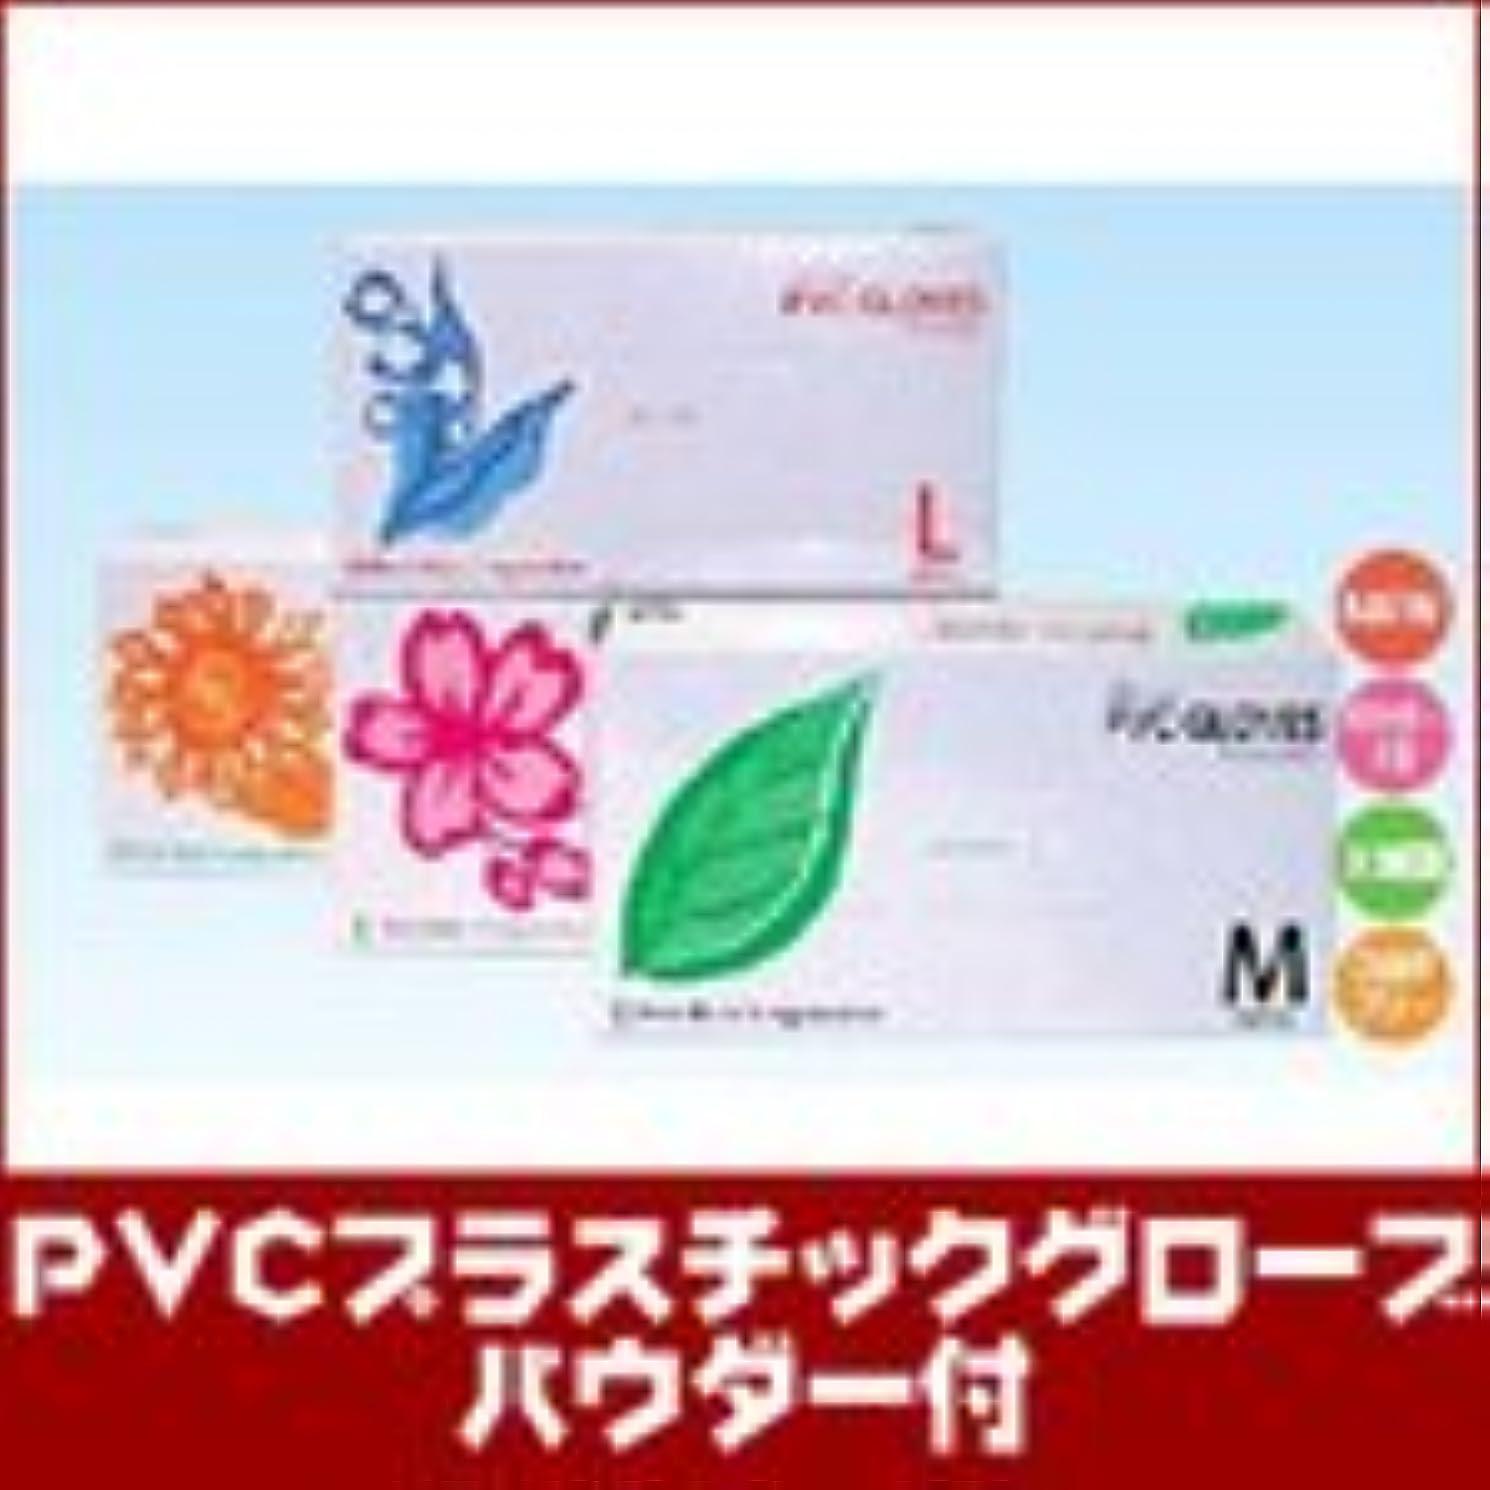 ハム無数の幸運なことにプレミア PVCプラスチックグローブ パウダー付 100枚入 10セット M